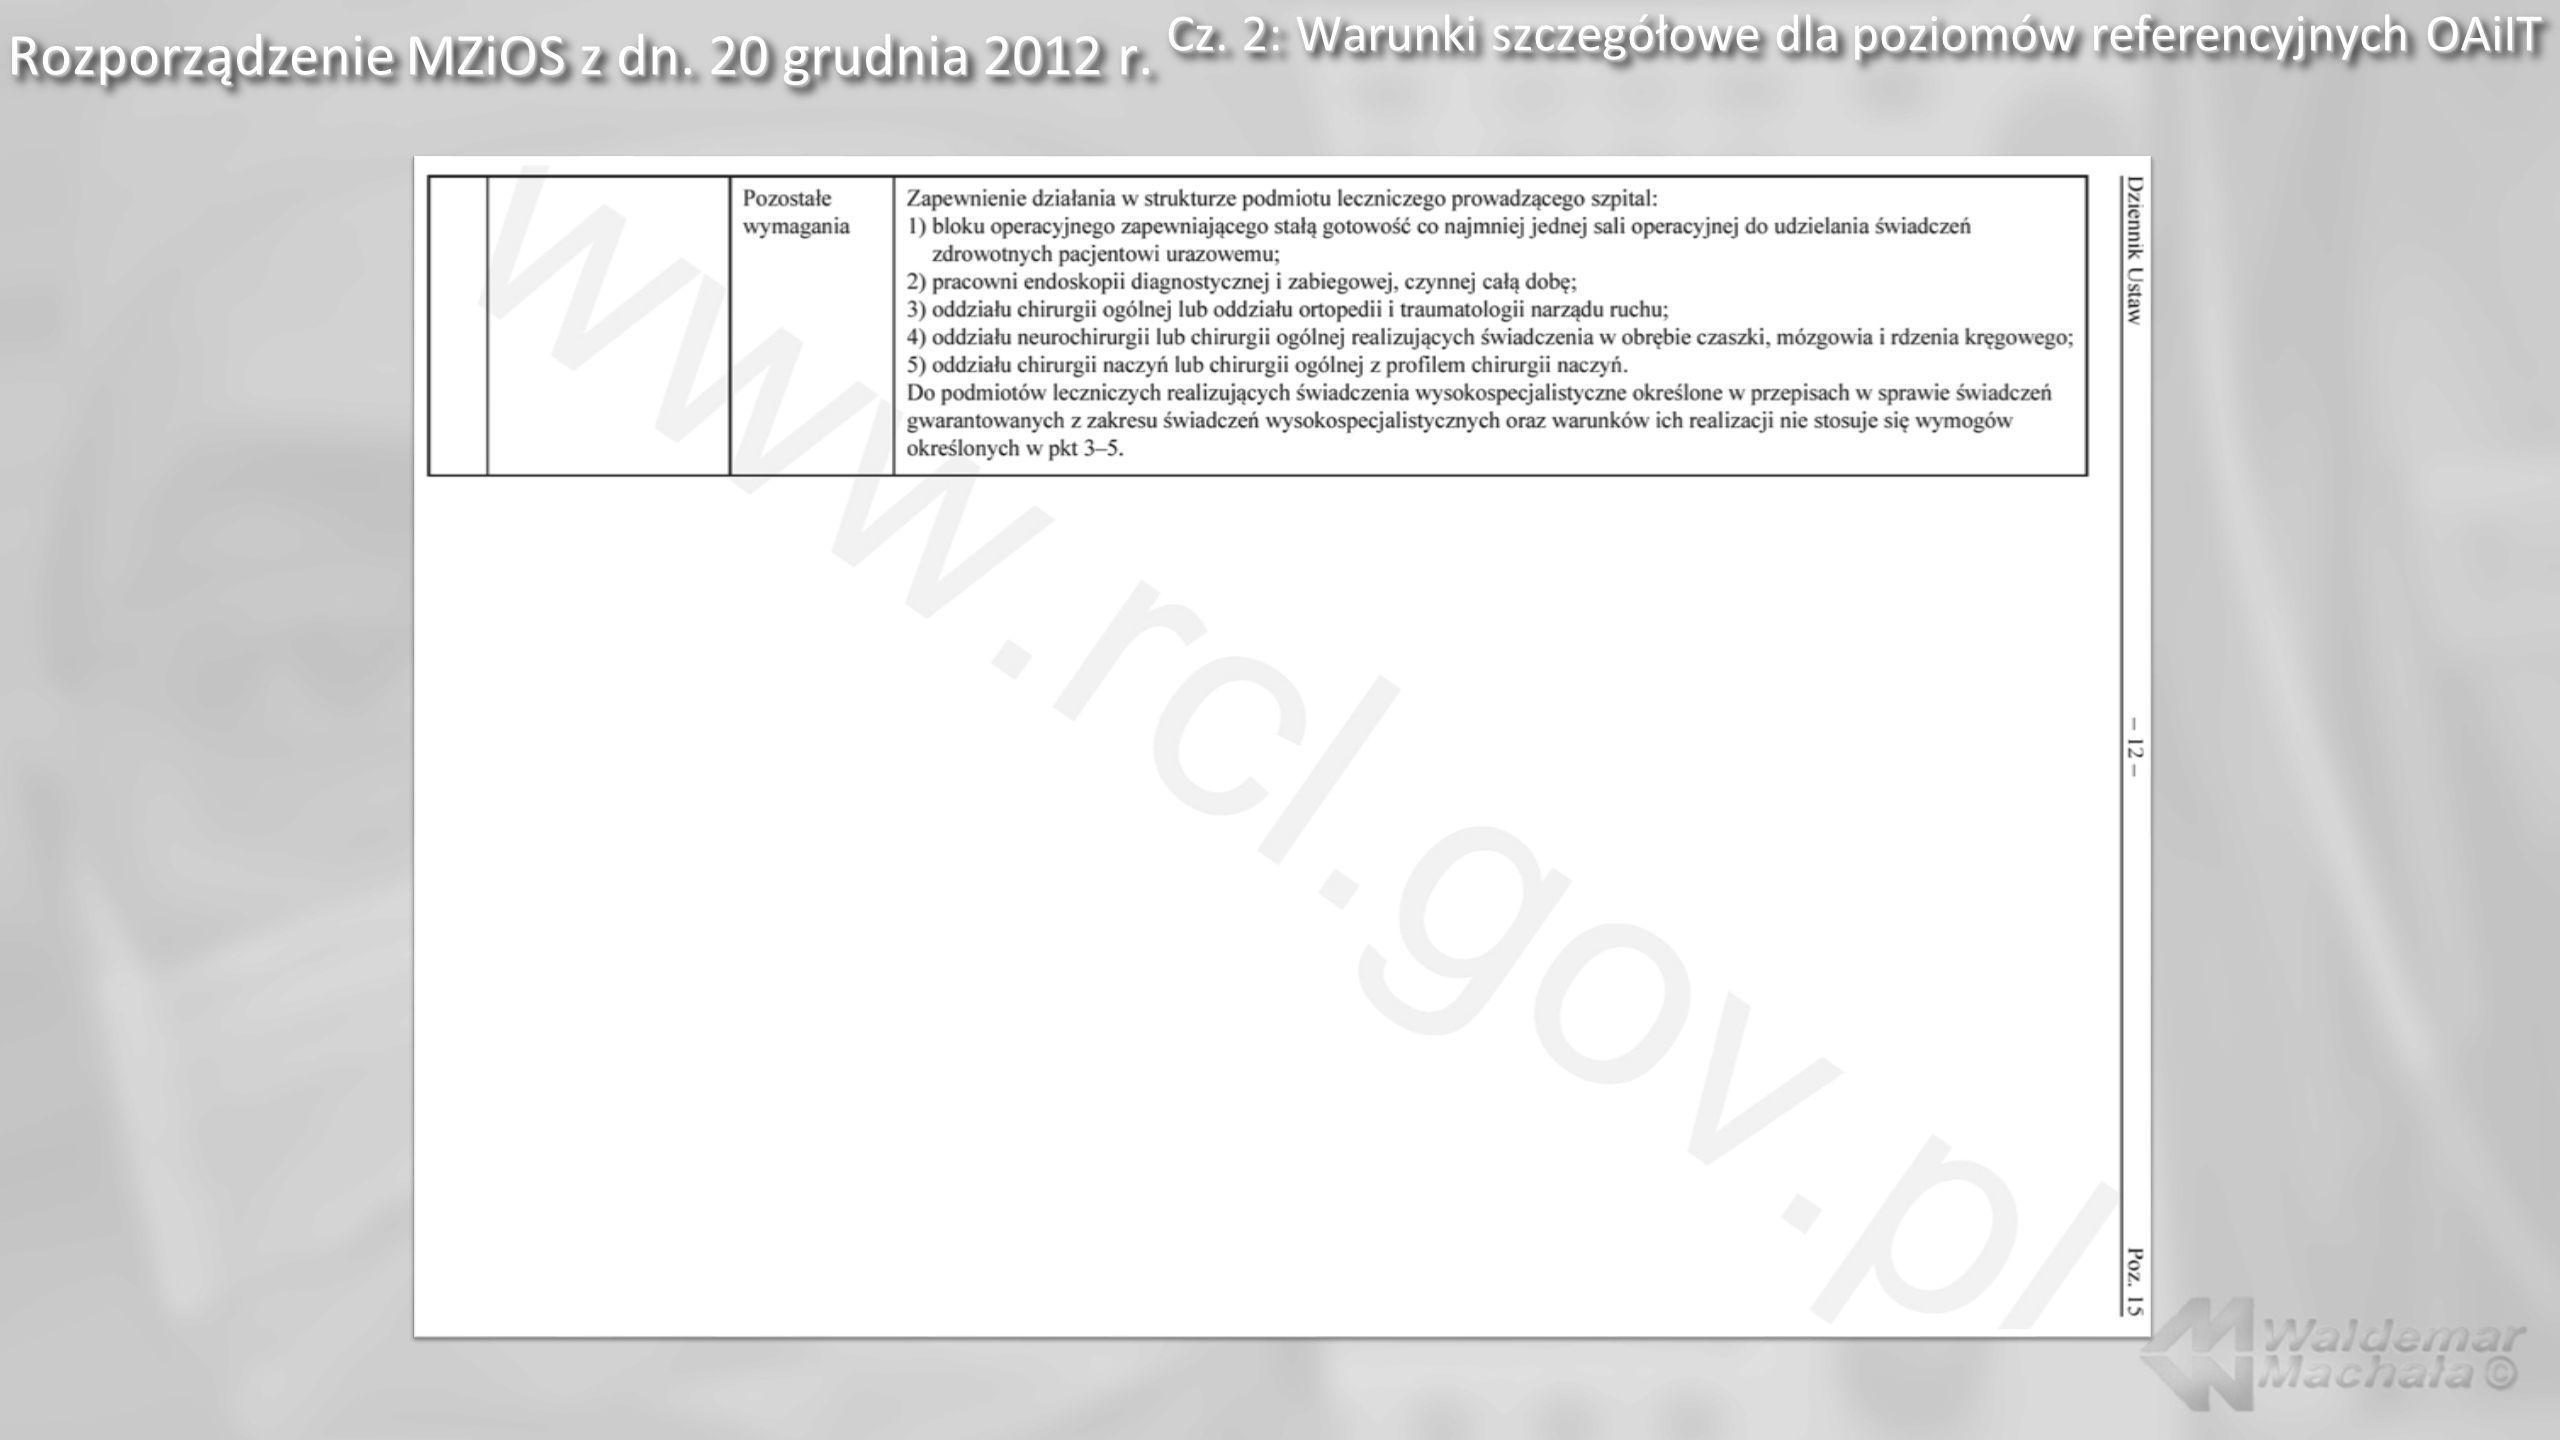 Rozporządzenie MZiOS z dn. 20 grudnia 2012 r. Cz